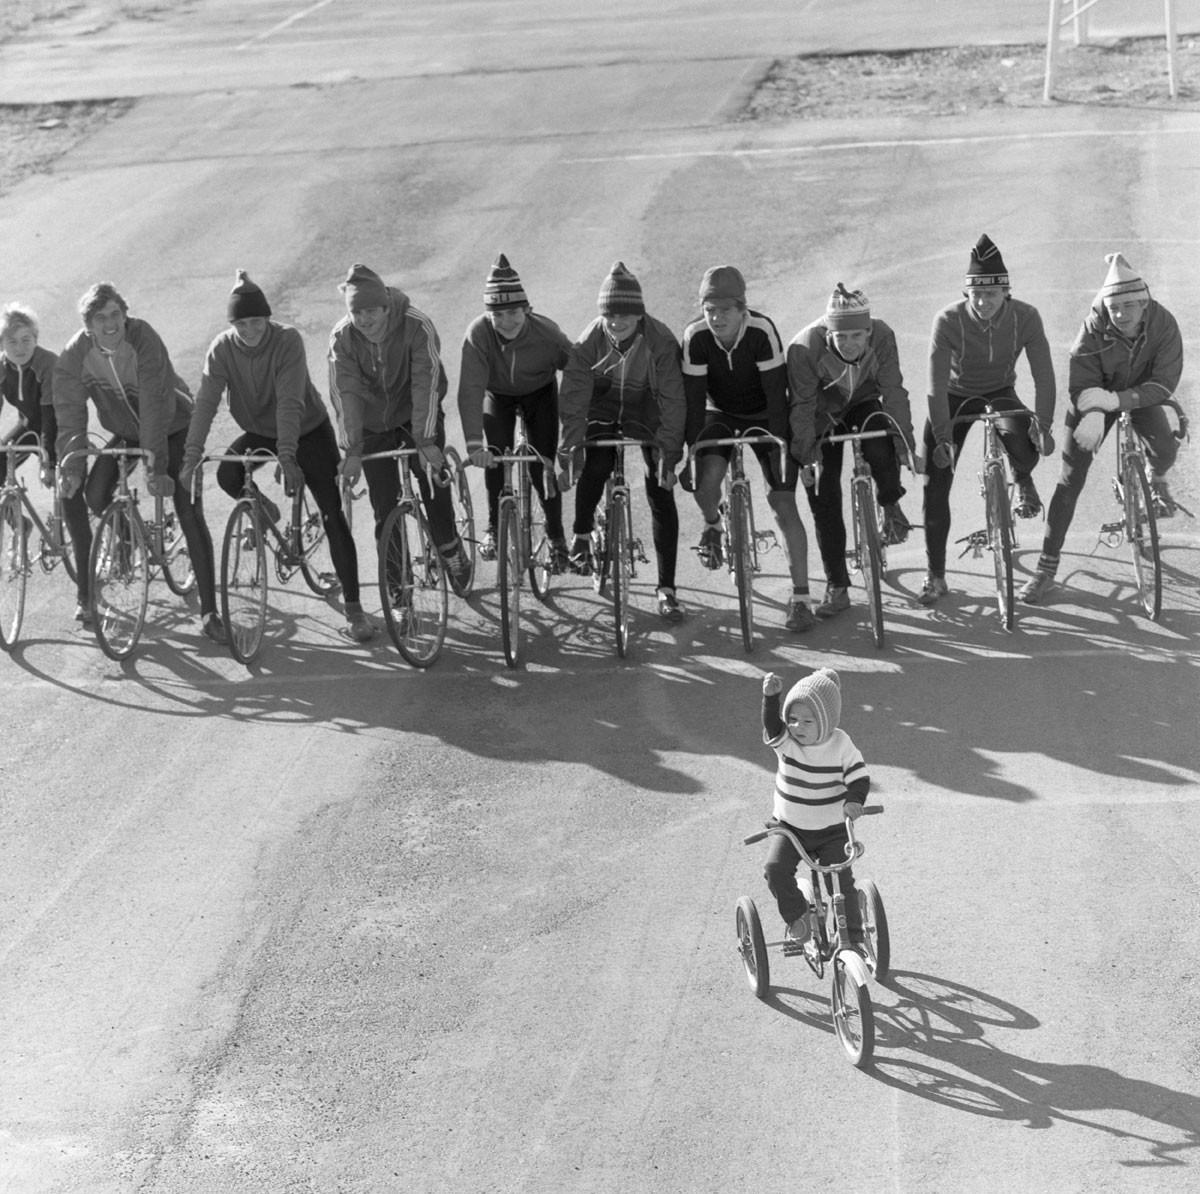 1986. Estudiantes en la ciudad de Jambil (ahora Taraz, Kazajistán) en la línea de salida antes de una competición ciclista.